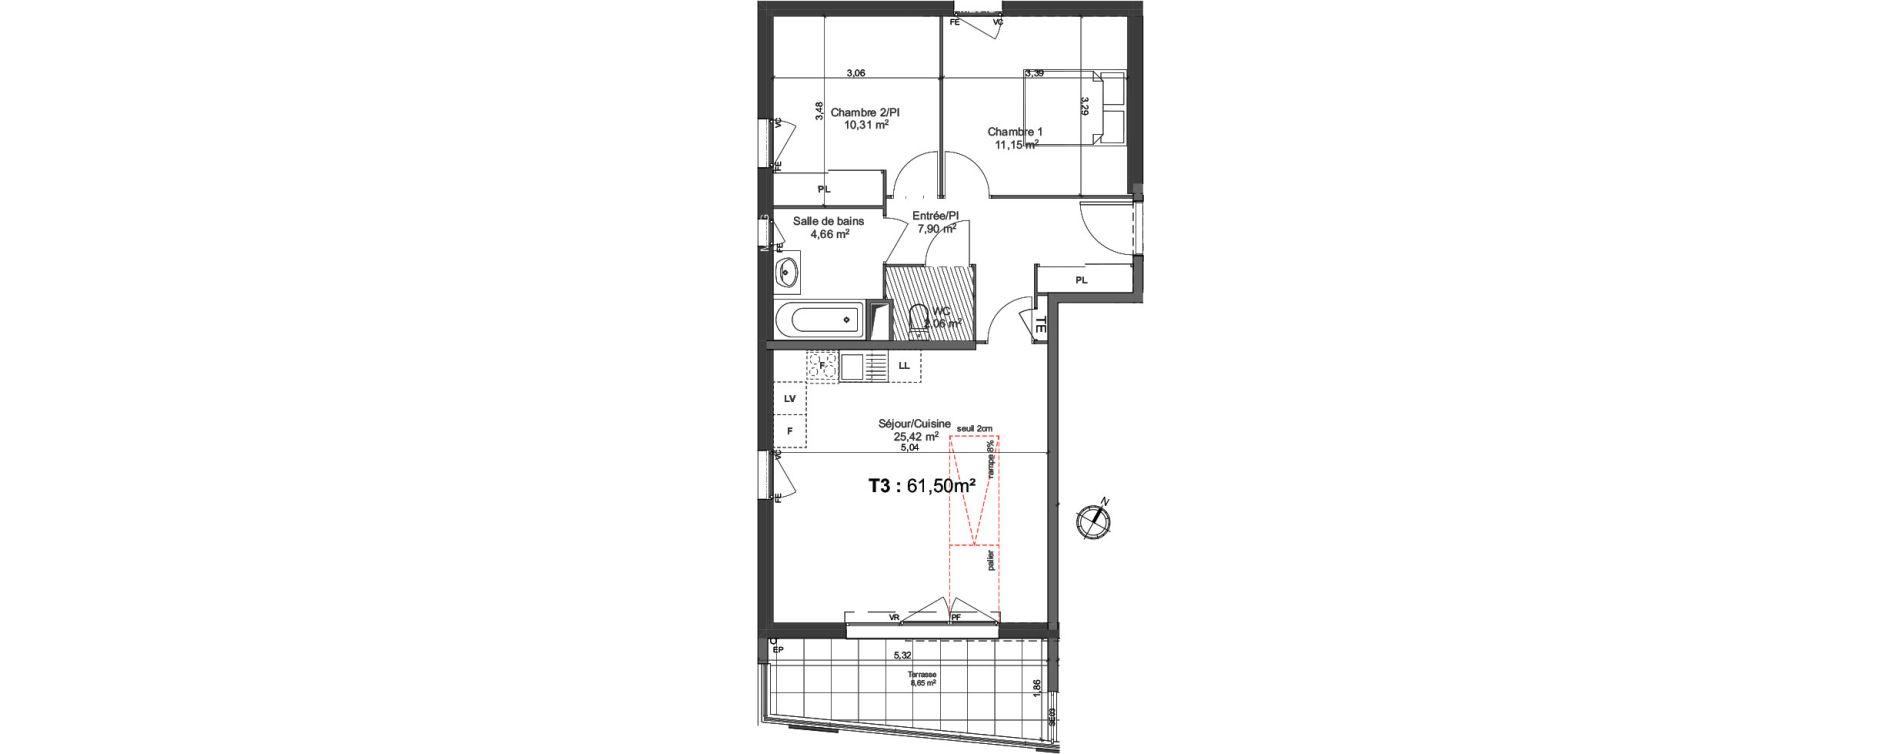 Appartement T3 De 61 50m2 2ème étage S Les Jardins D Alba